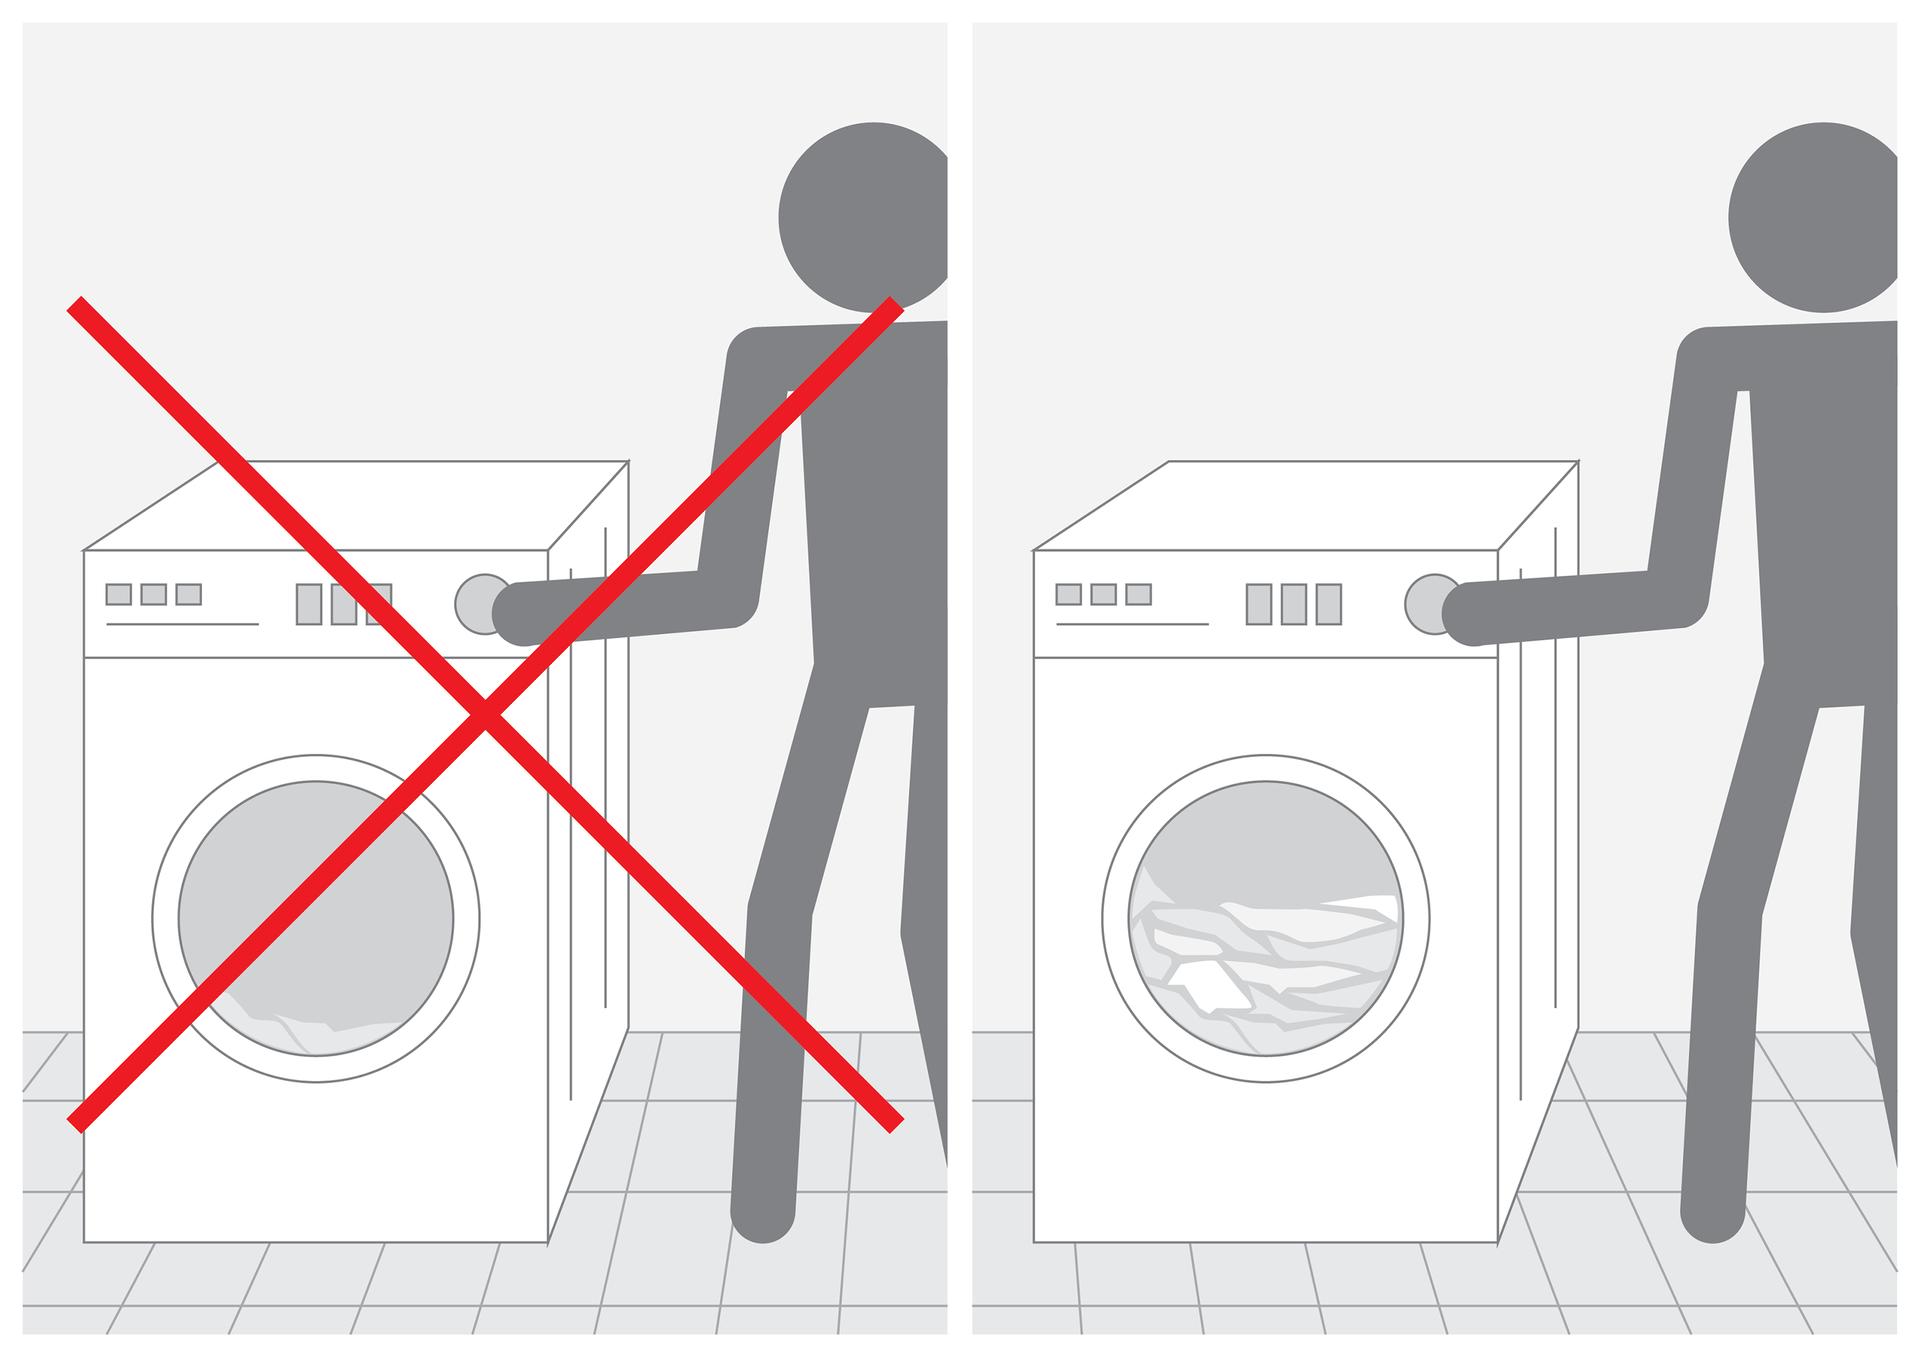 Siódma ilustracja wgalerii. Przedstawia parę czarno białych symbolicznych rysunków prezentujących sposób przygotowania prania. Na rysunku po lewej stronie człowiek włącza pralkę, wktórej znajduje się bardzo niewiele ubrań na dnie bębna. Rysunek jest przekreślony czerwonym krzyżem. Na rysunku po prawej stronie człowiek włącza pralkę, której bęben jest wypełniony do połowy ubraniami.